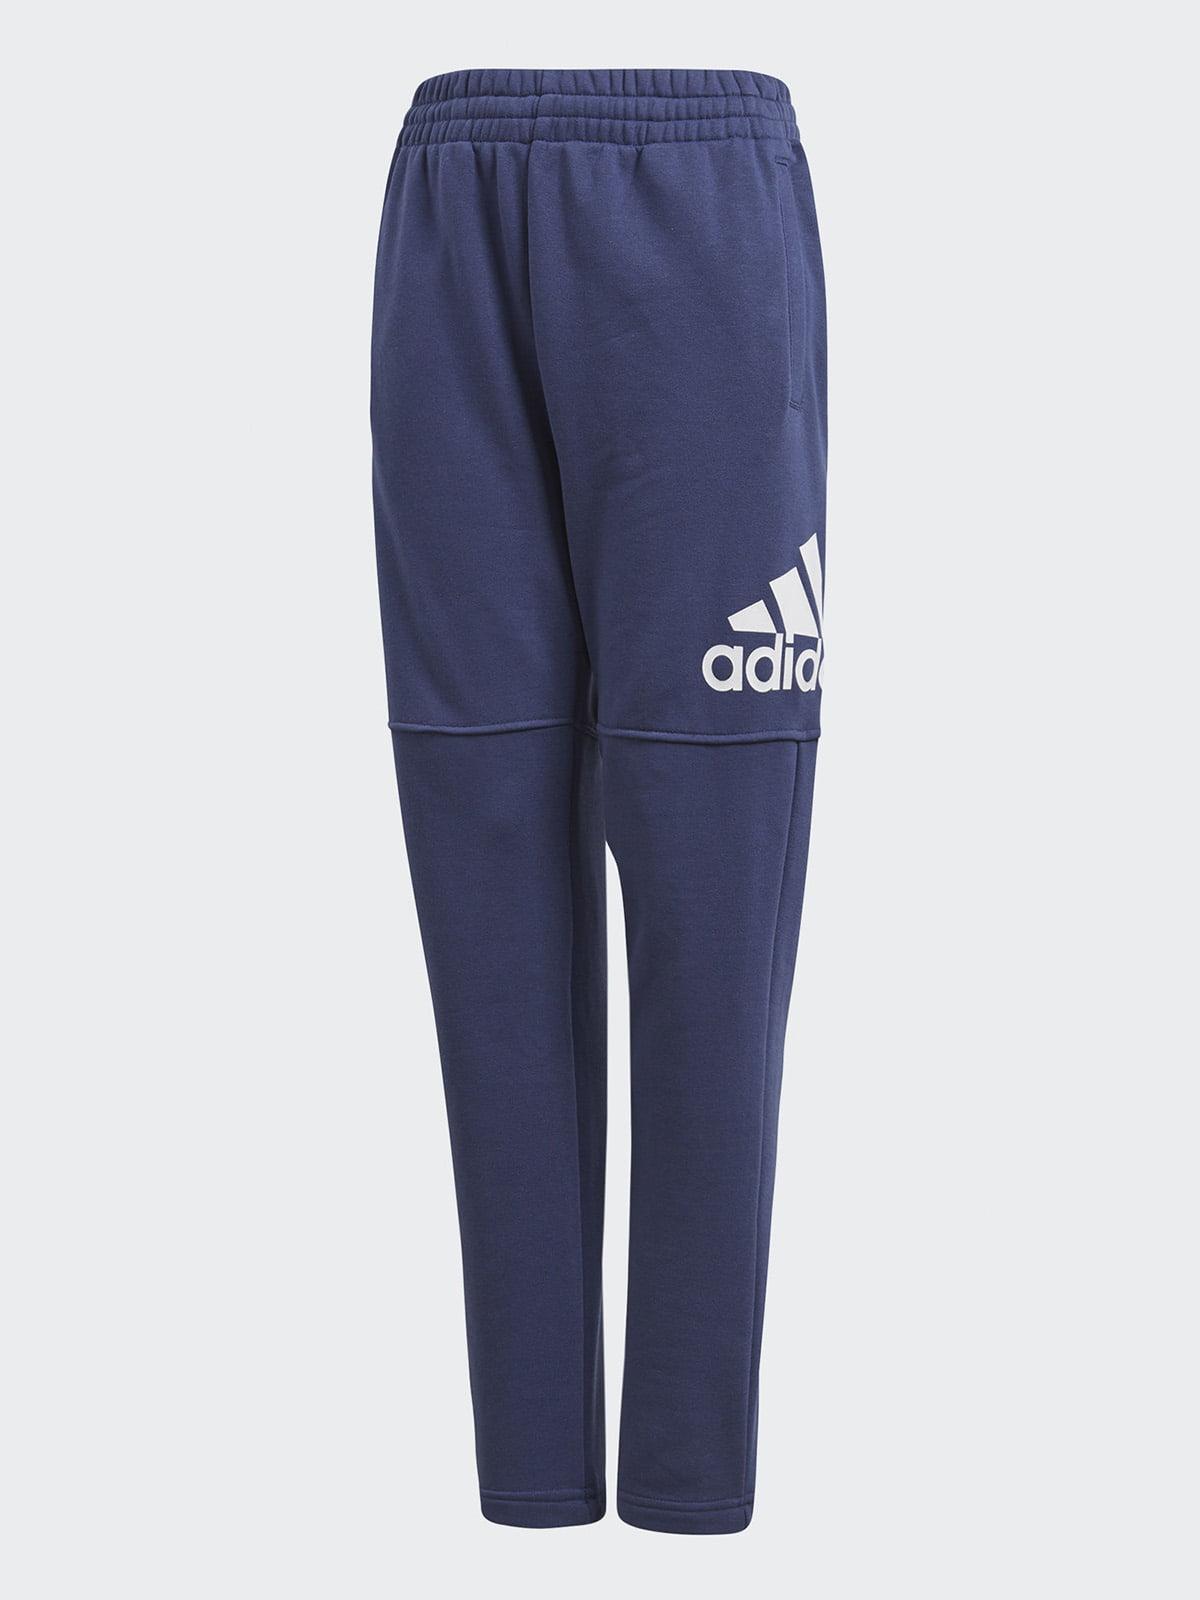 Штани спортивні сині — Adidas 815159fc2558a